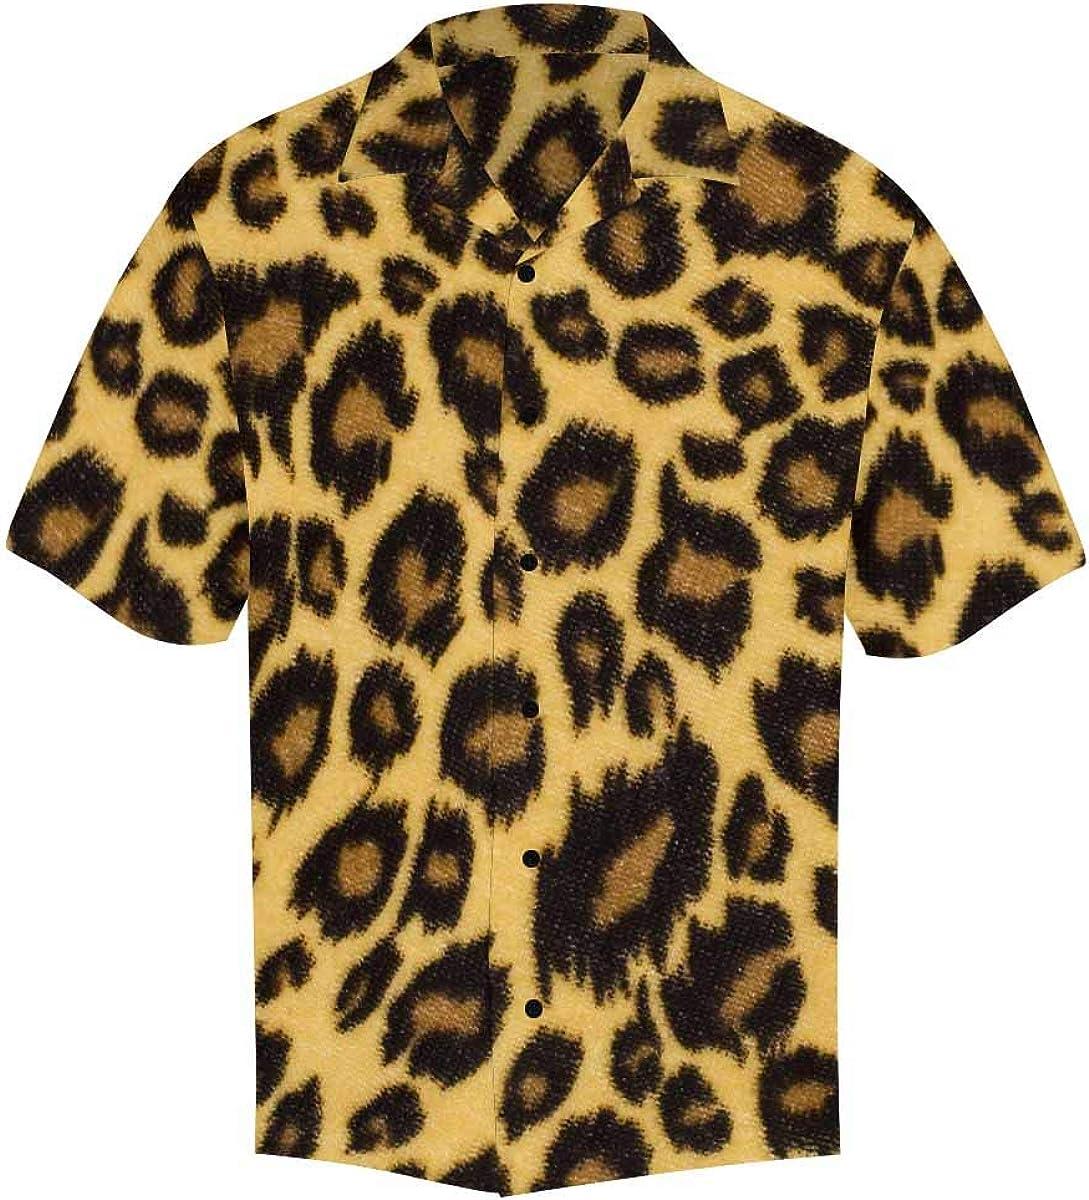 InterestPrint Men's Casual Button Down Short Sleeve Halloween Panda Pumpkin Hawaiian Shirt (S-5XL)